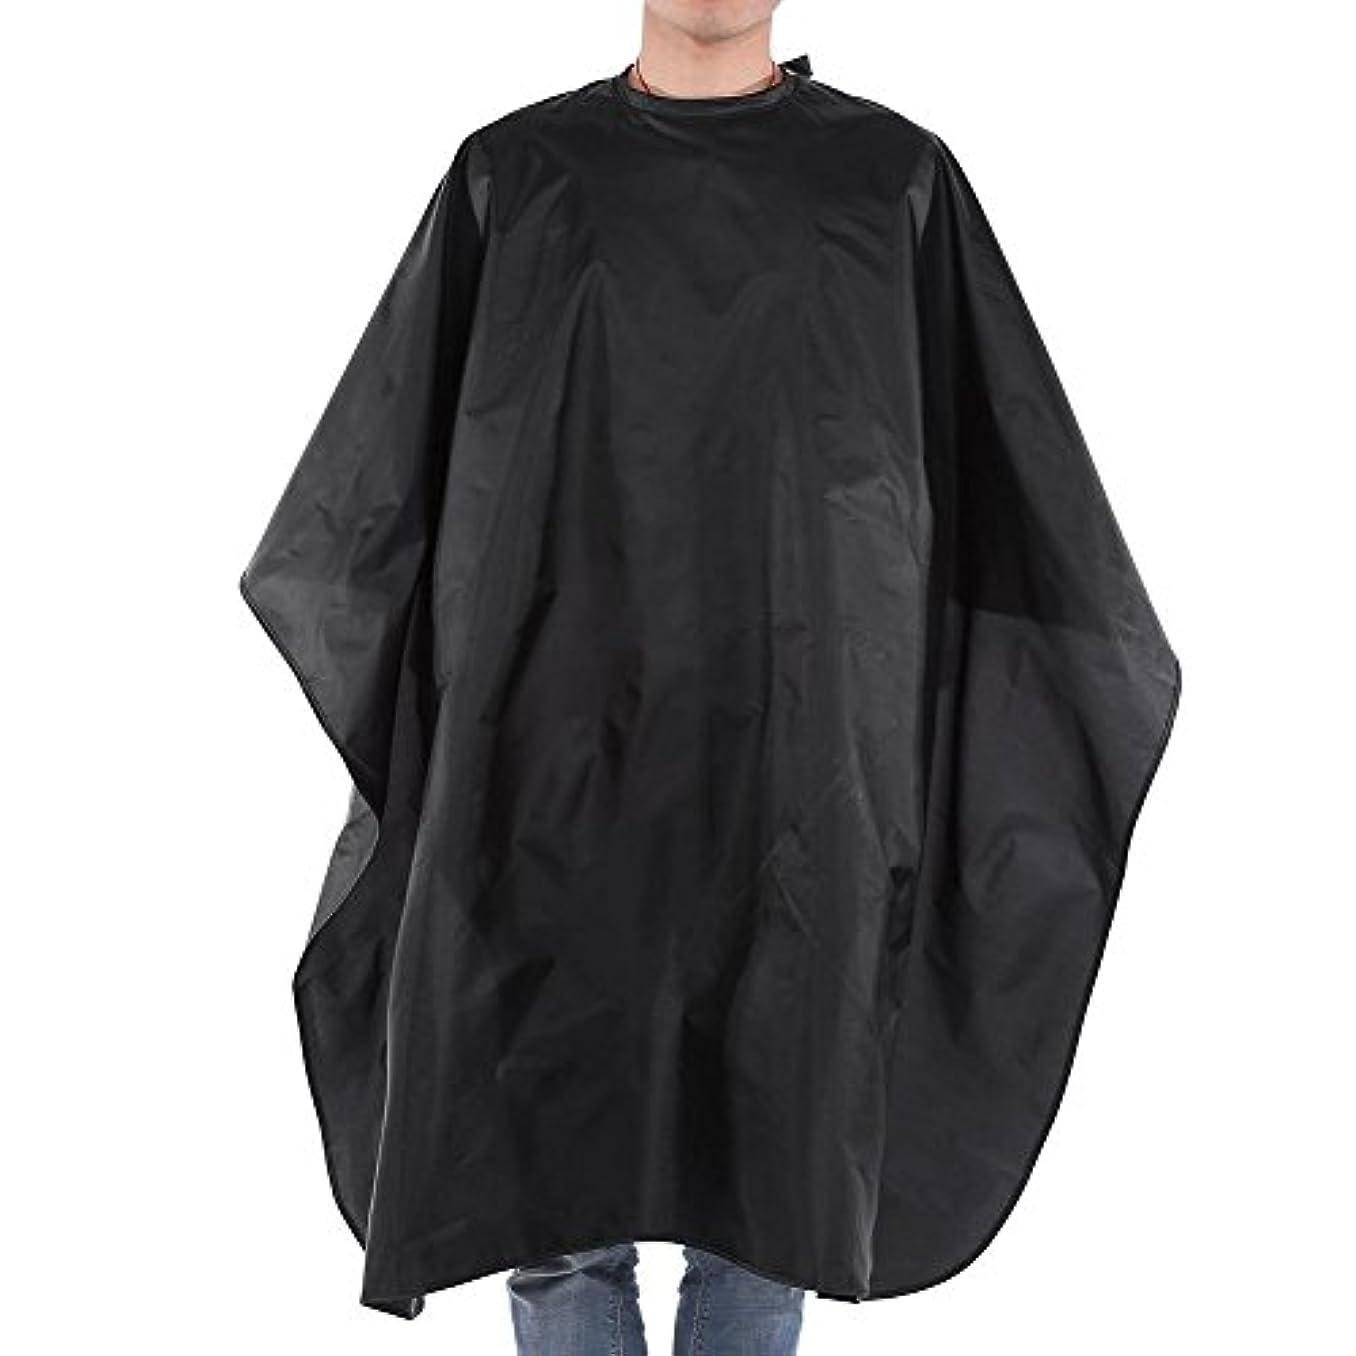 従者抗議一目理容室スタイリングケープ、ブラックサロンヘアカット理髪理髪店ケープガウン大人の布防水スナップクロージャー59×47インチ